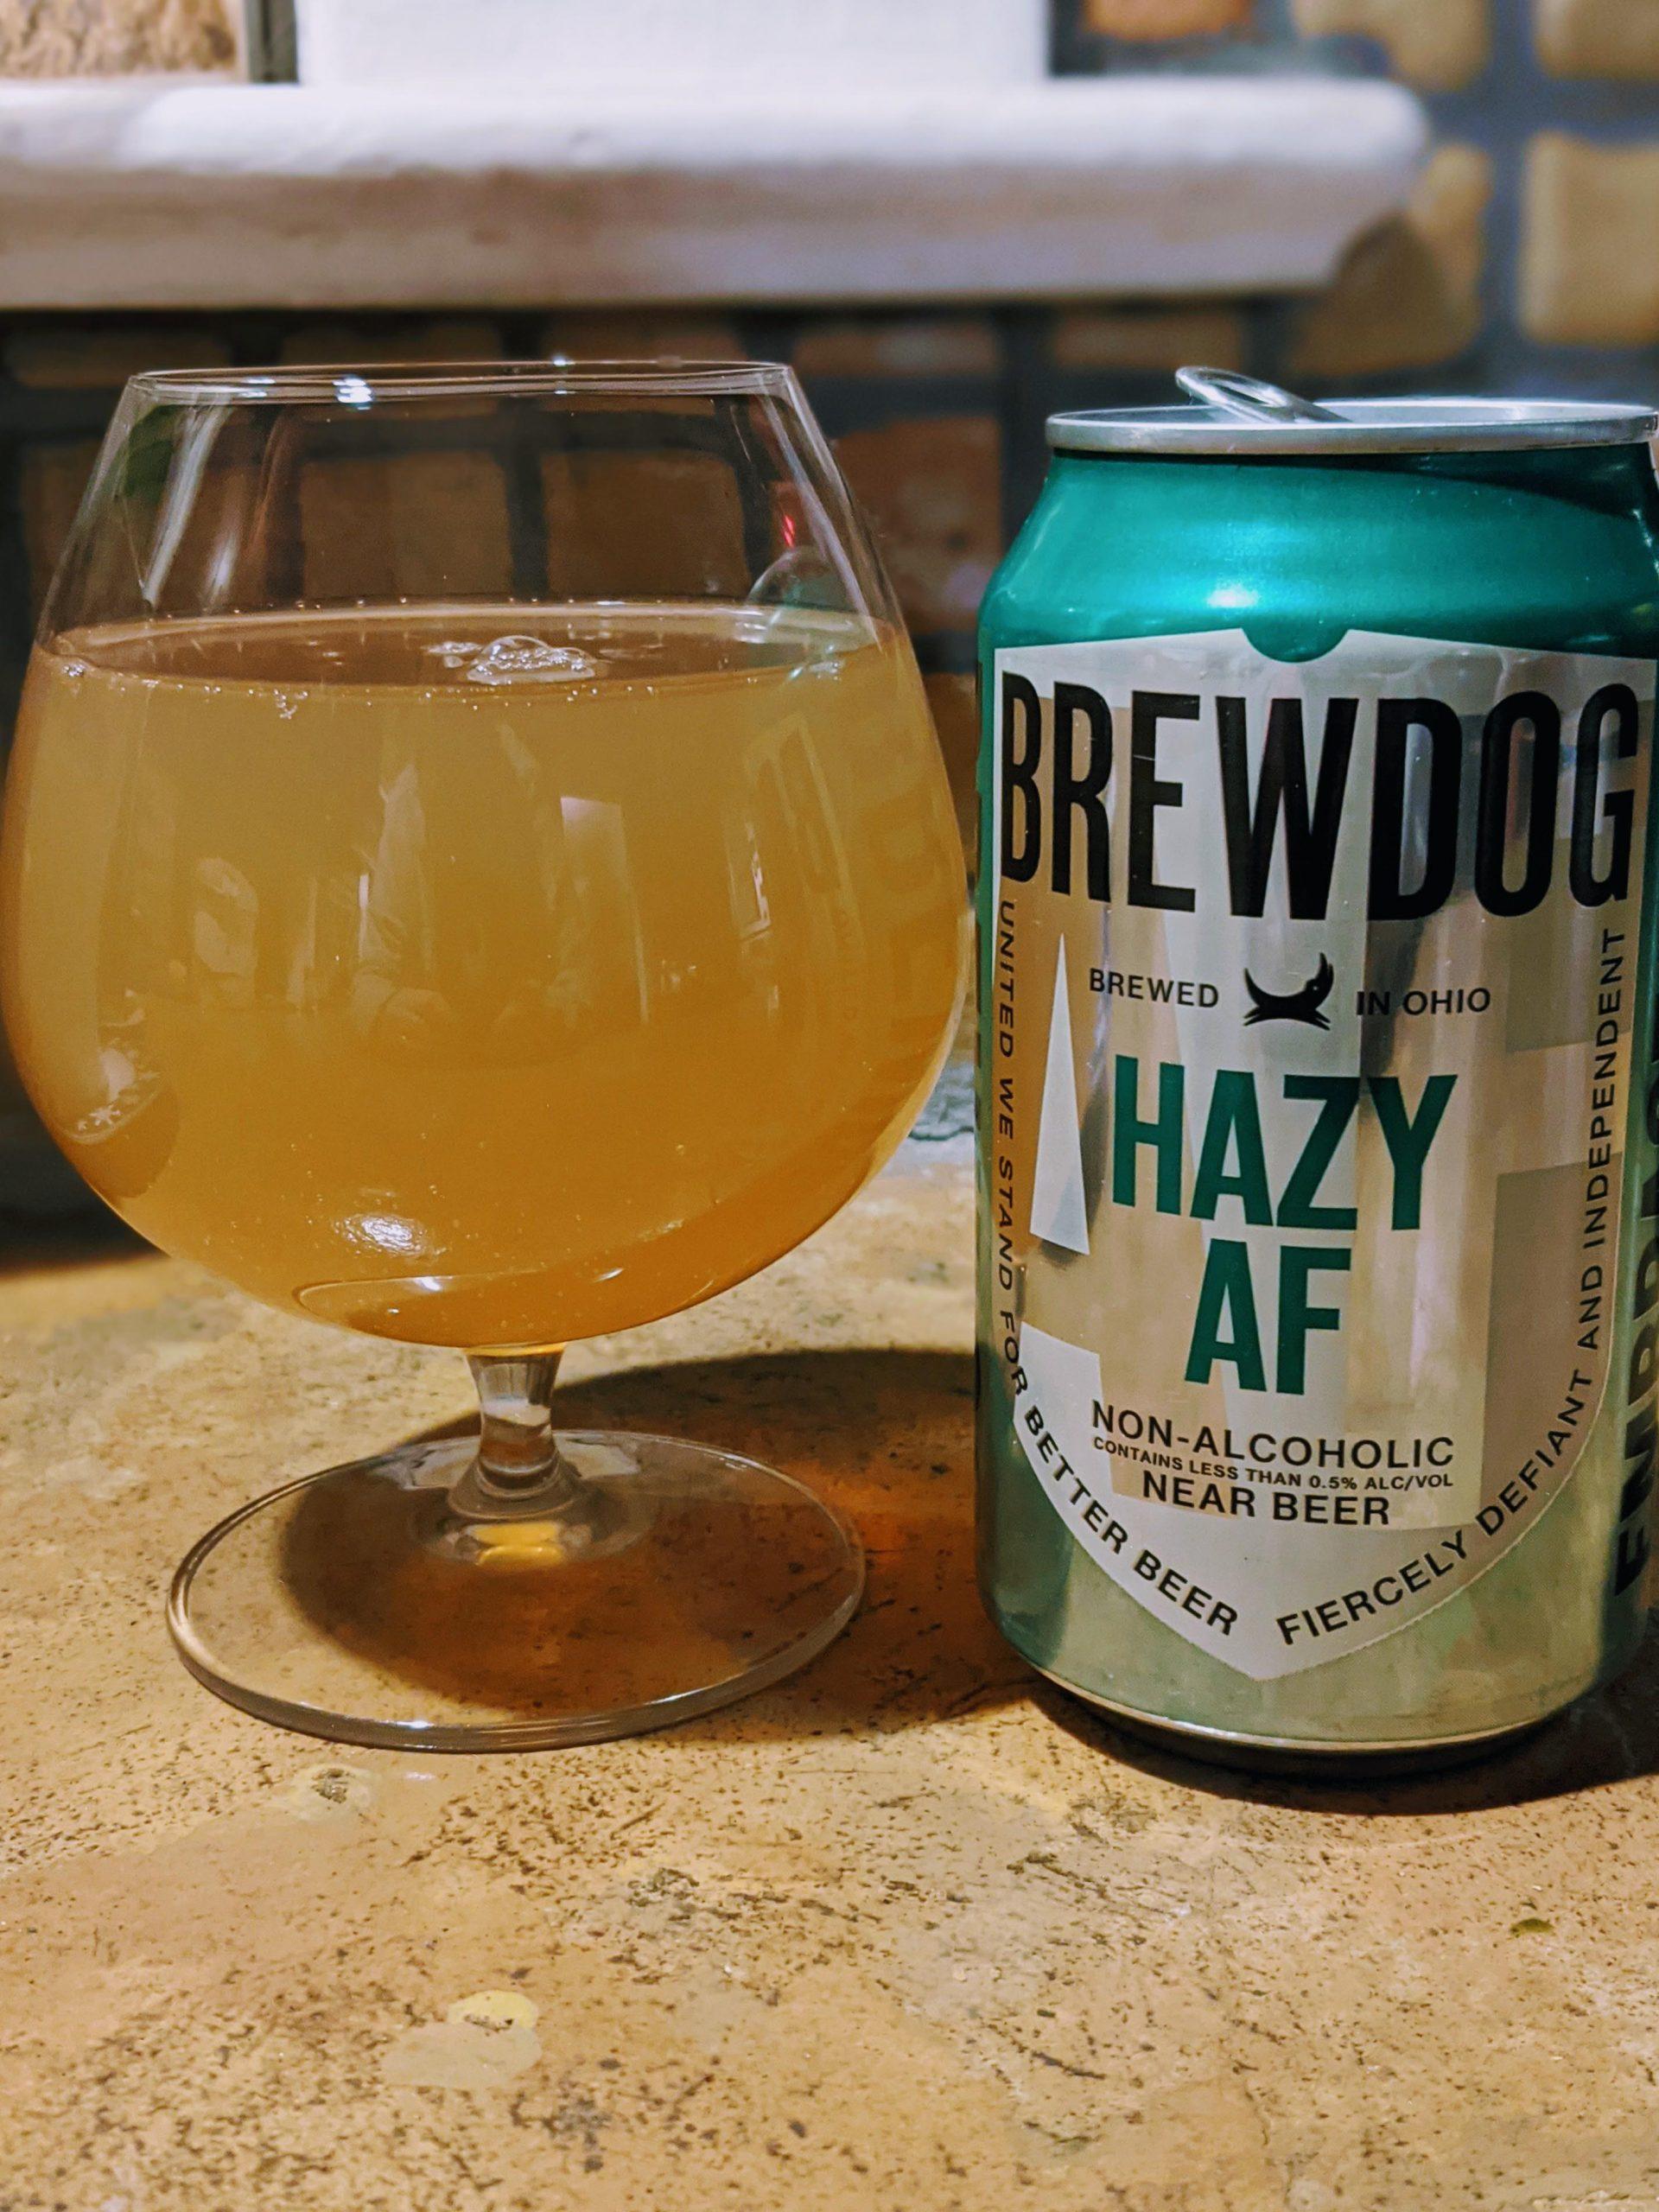 Hay AF Brew Dog